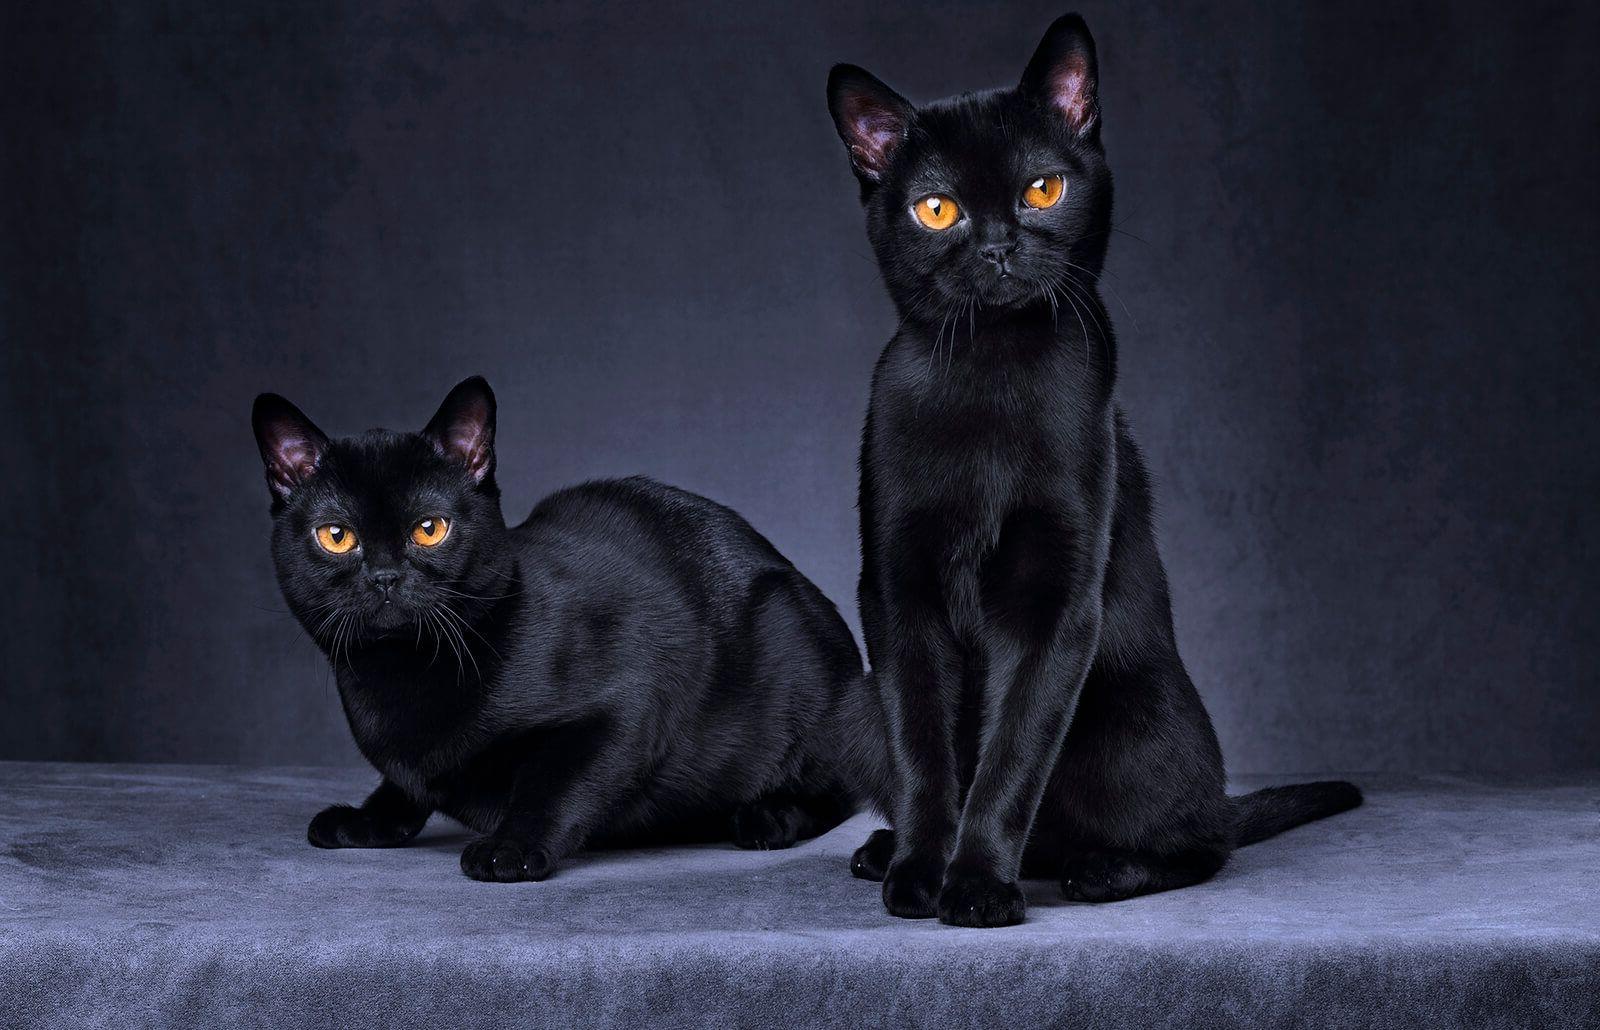 دو گربه بمبئی سیاه